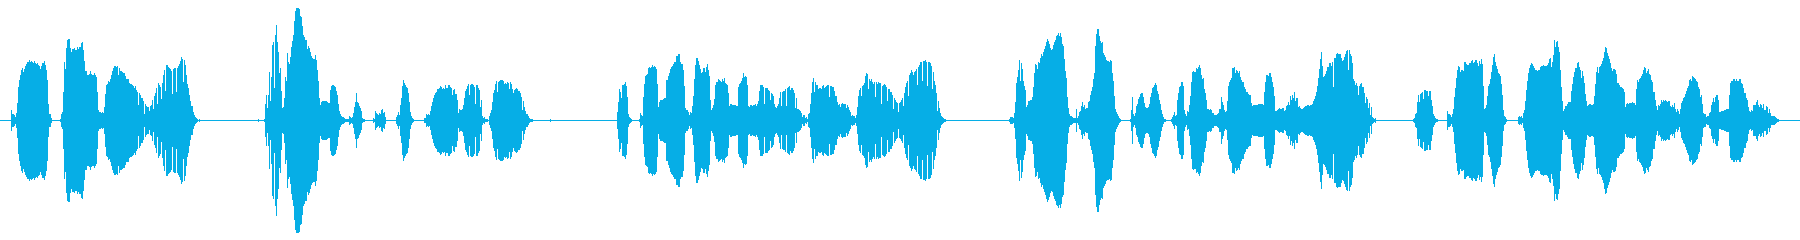 携帯電話・アラーム付時計など、音の出る…の再生済みの波形